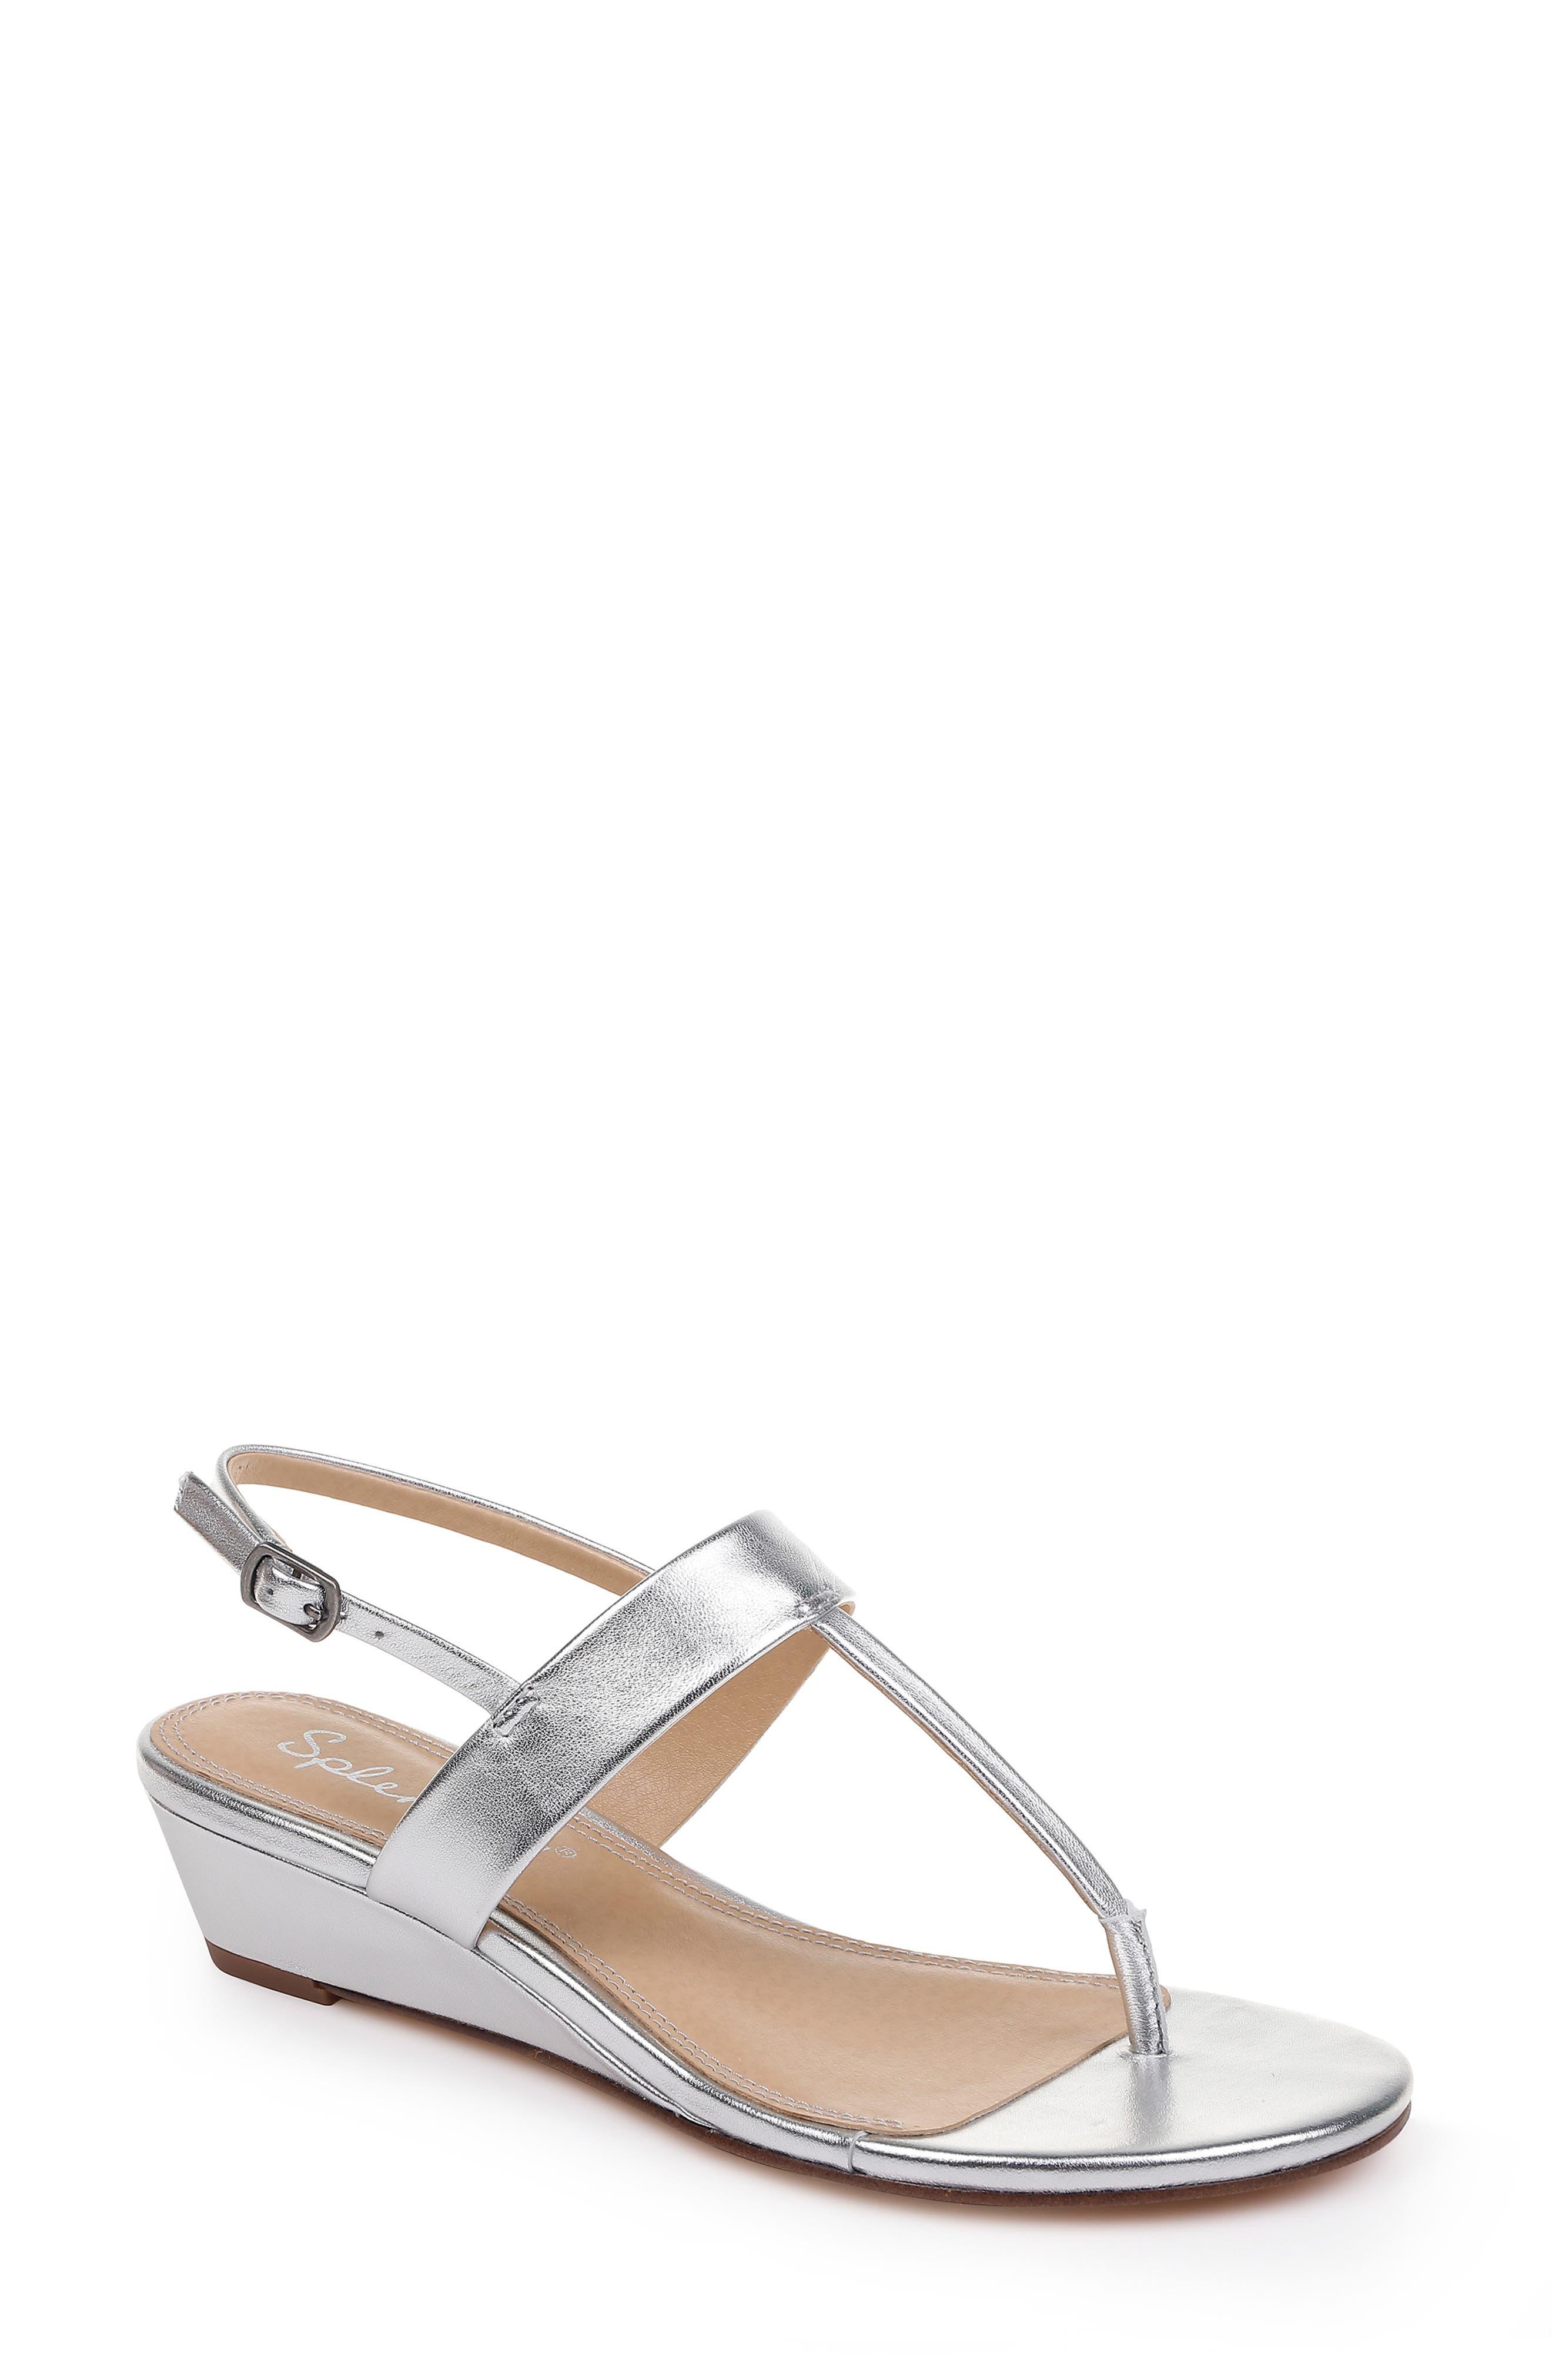 5976d584a22 Women s Splendid Wedge Sandals